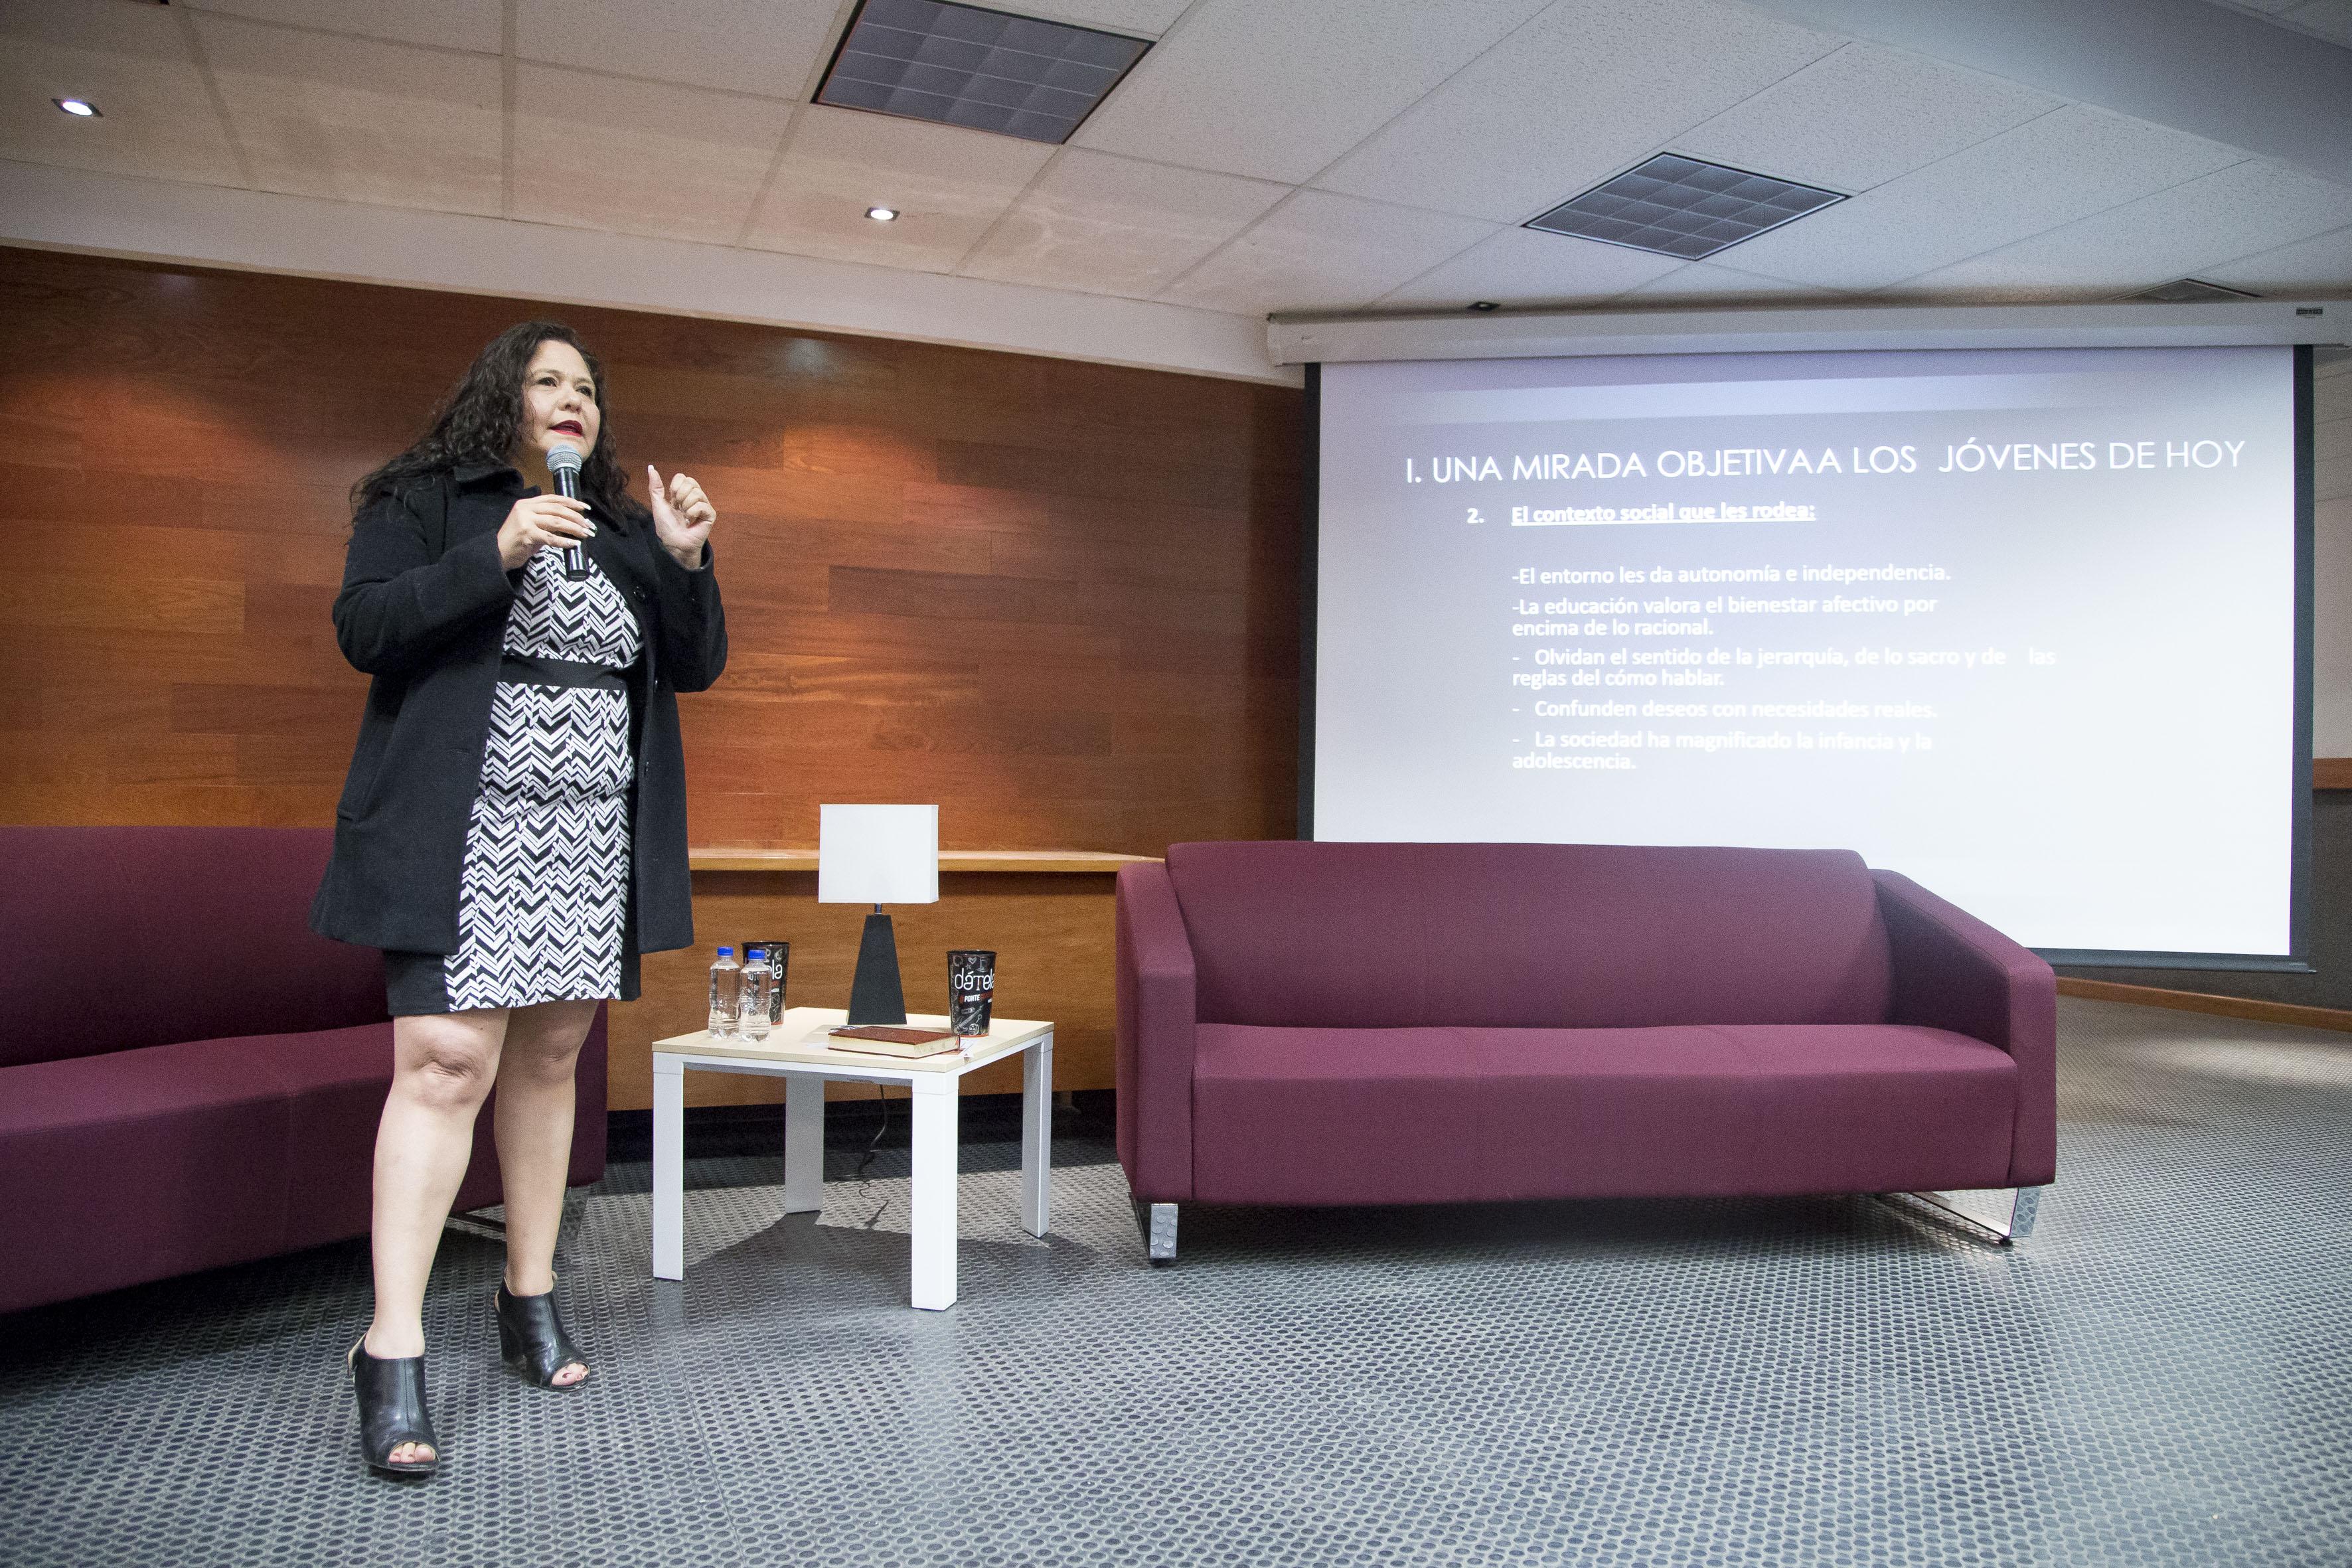 Mtra Caty Pérez dictando conferencia. A la vista el escenario del auditorio